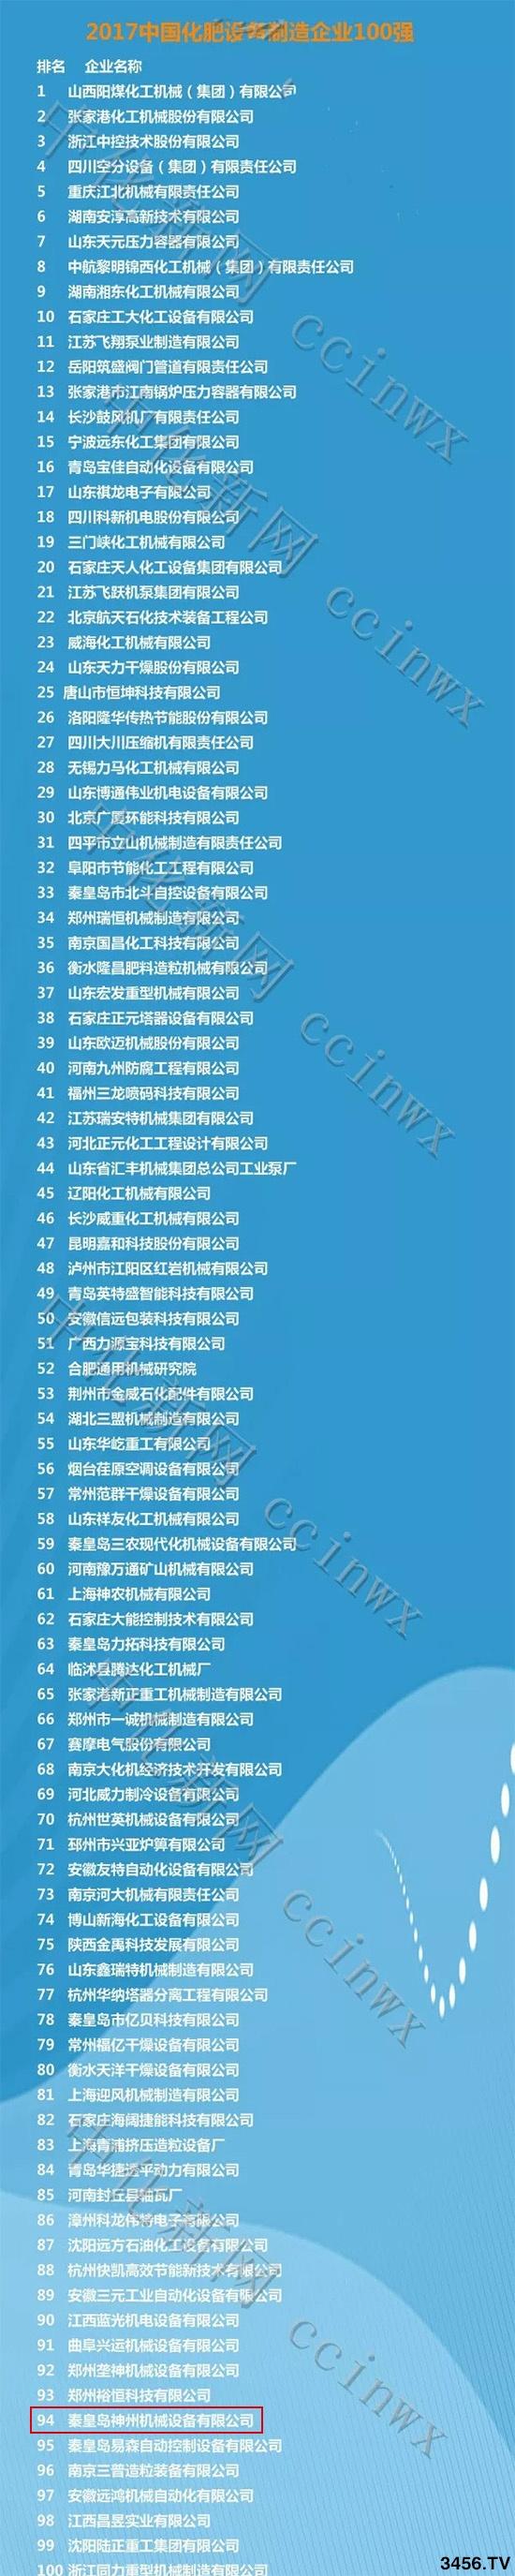 2017中国化肥易胜博体育app下载制造企业100强